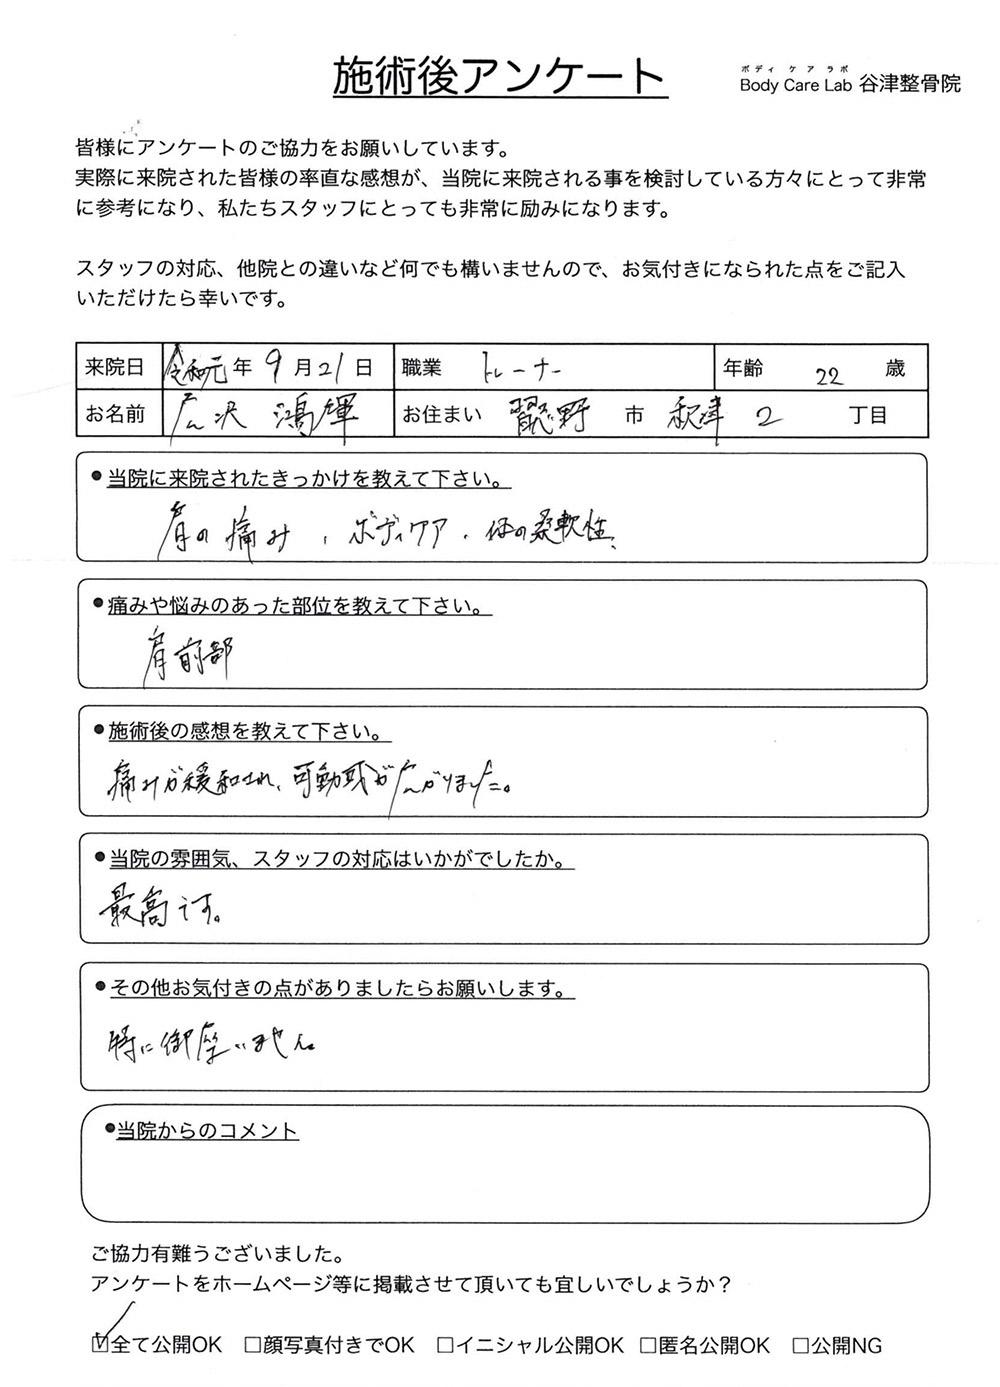 〔2019.09.21ご来院〕広沢様